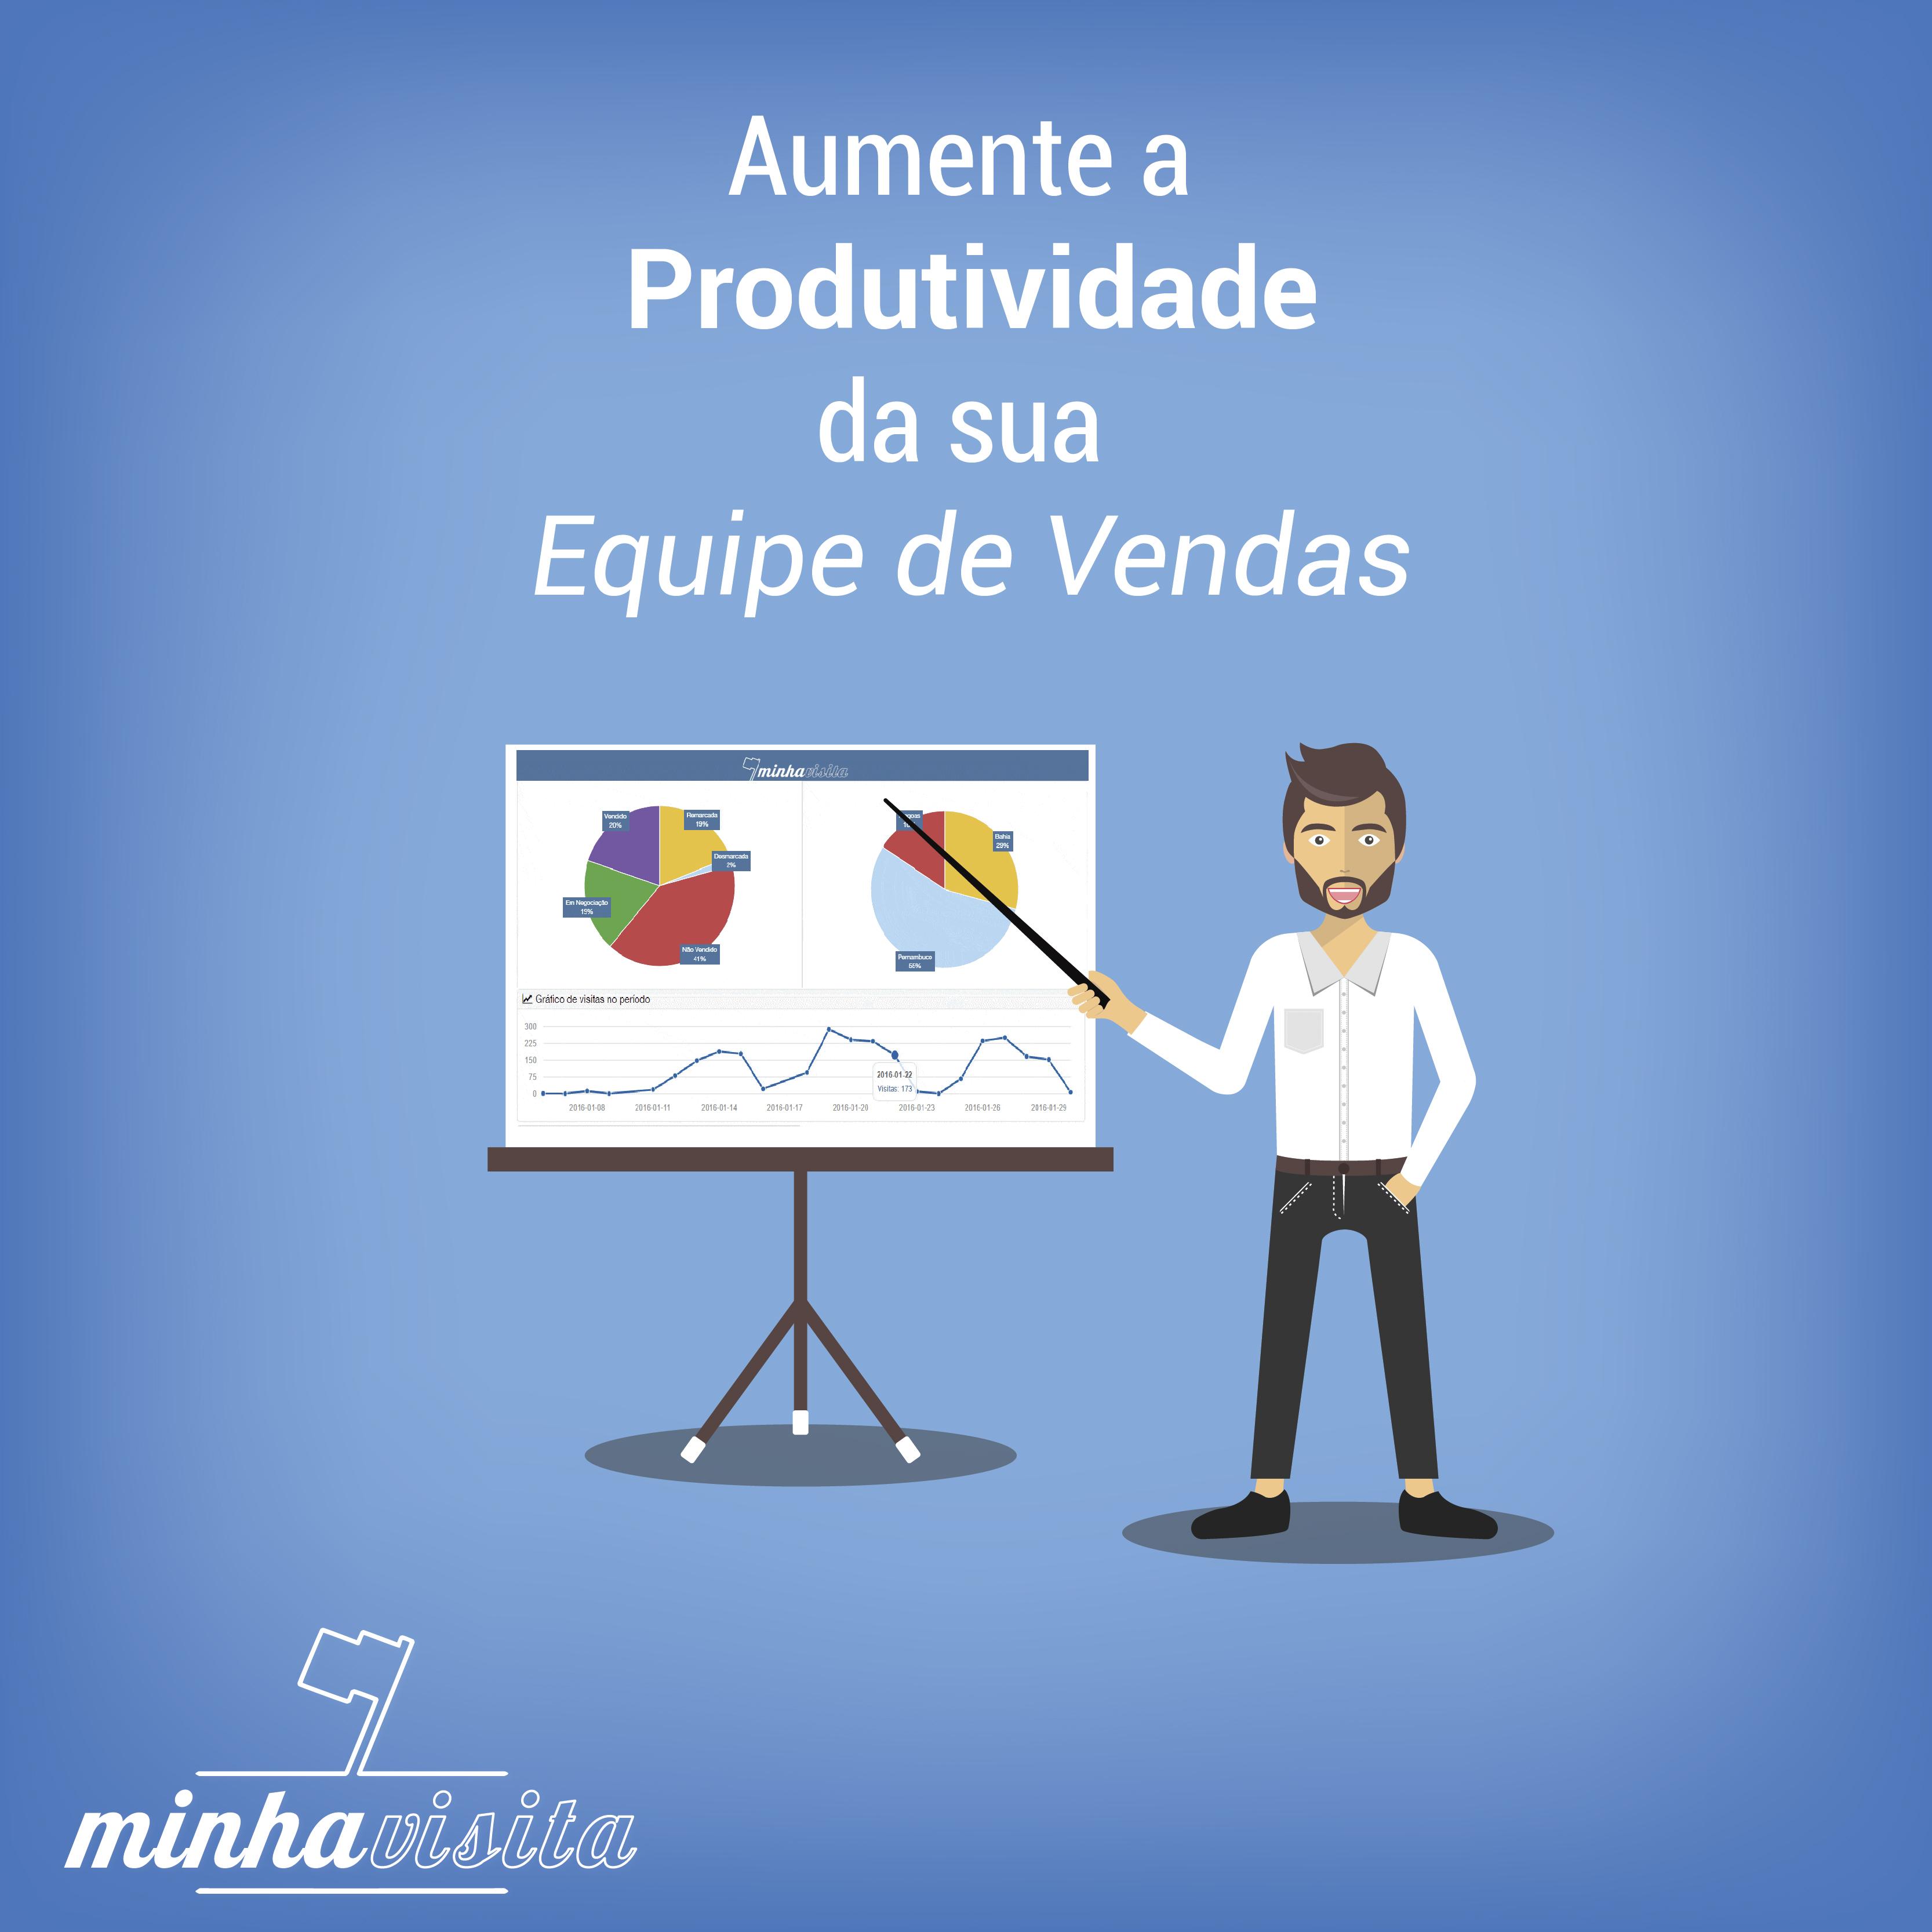 #Como aumentar a produtividade da Equipe de Vendas?